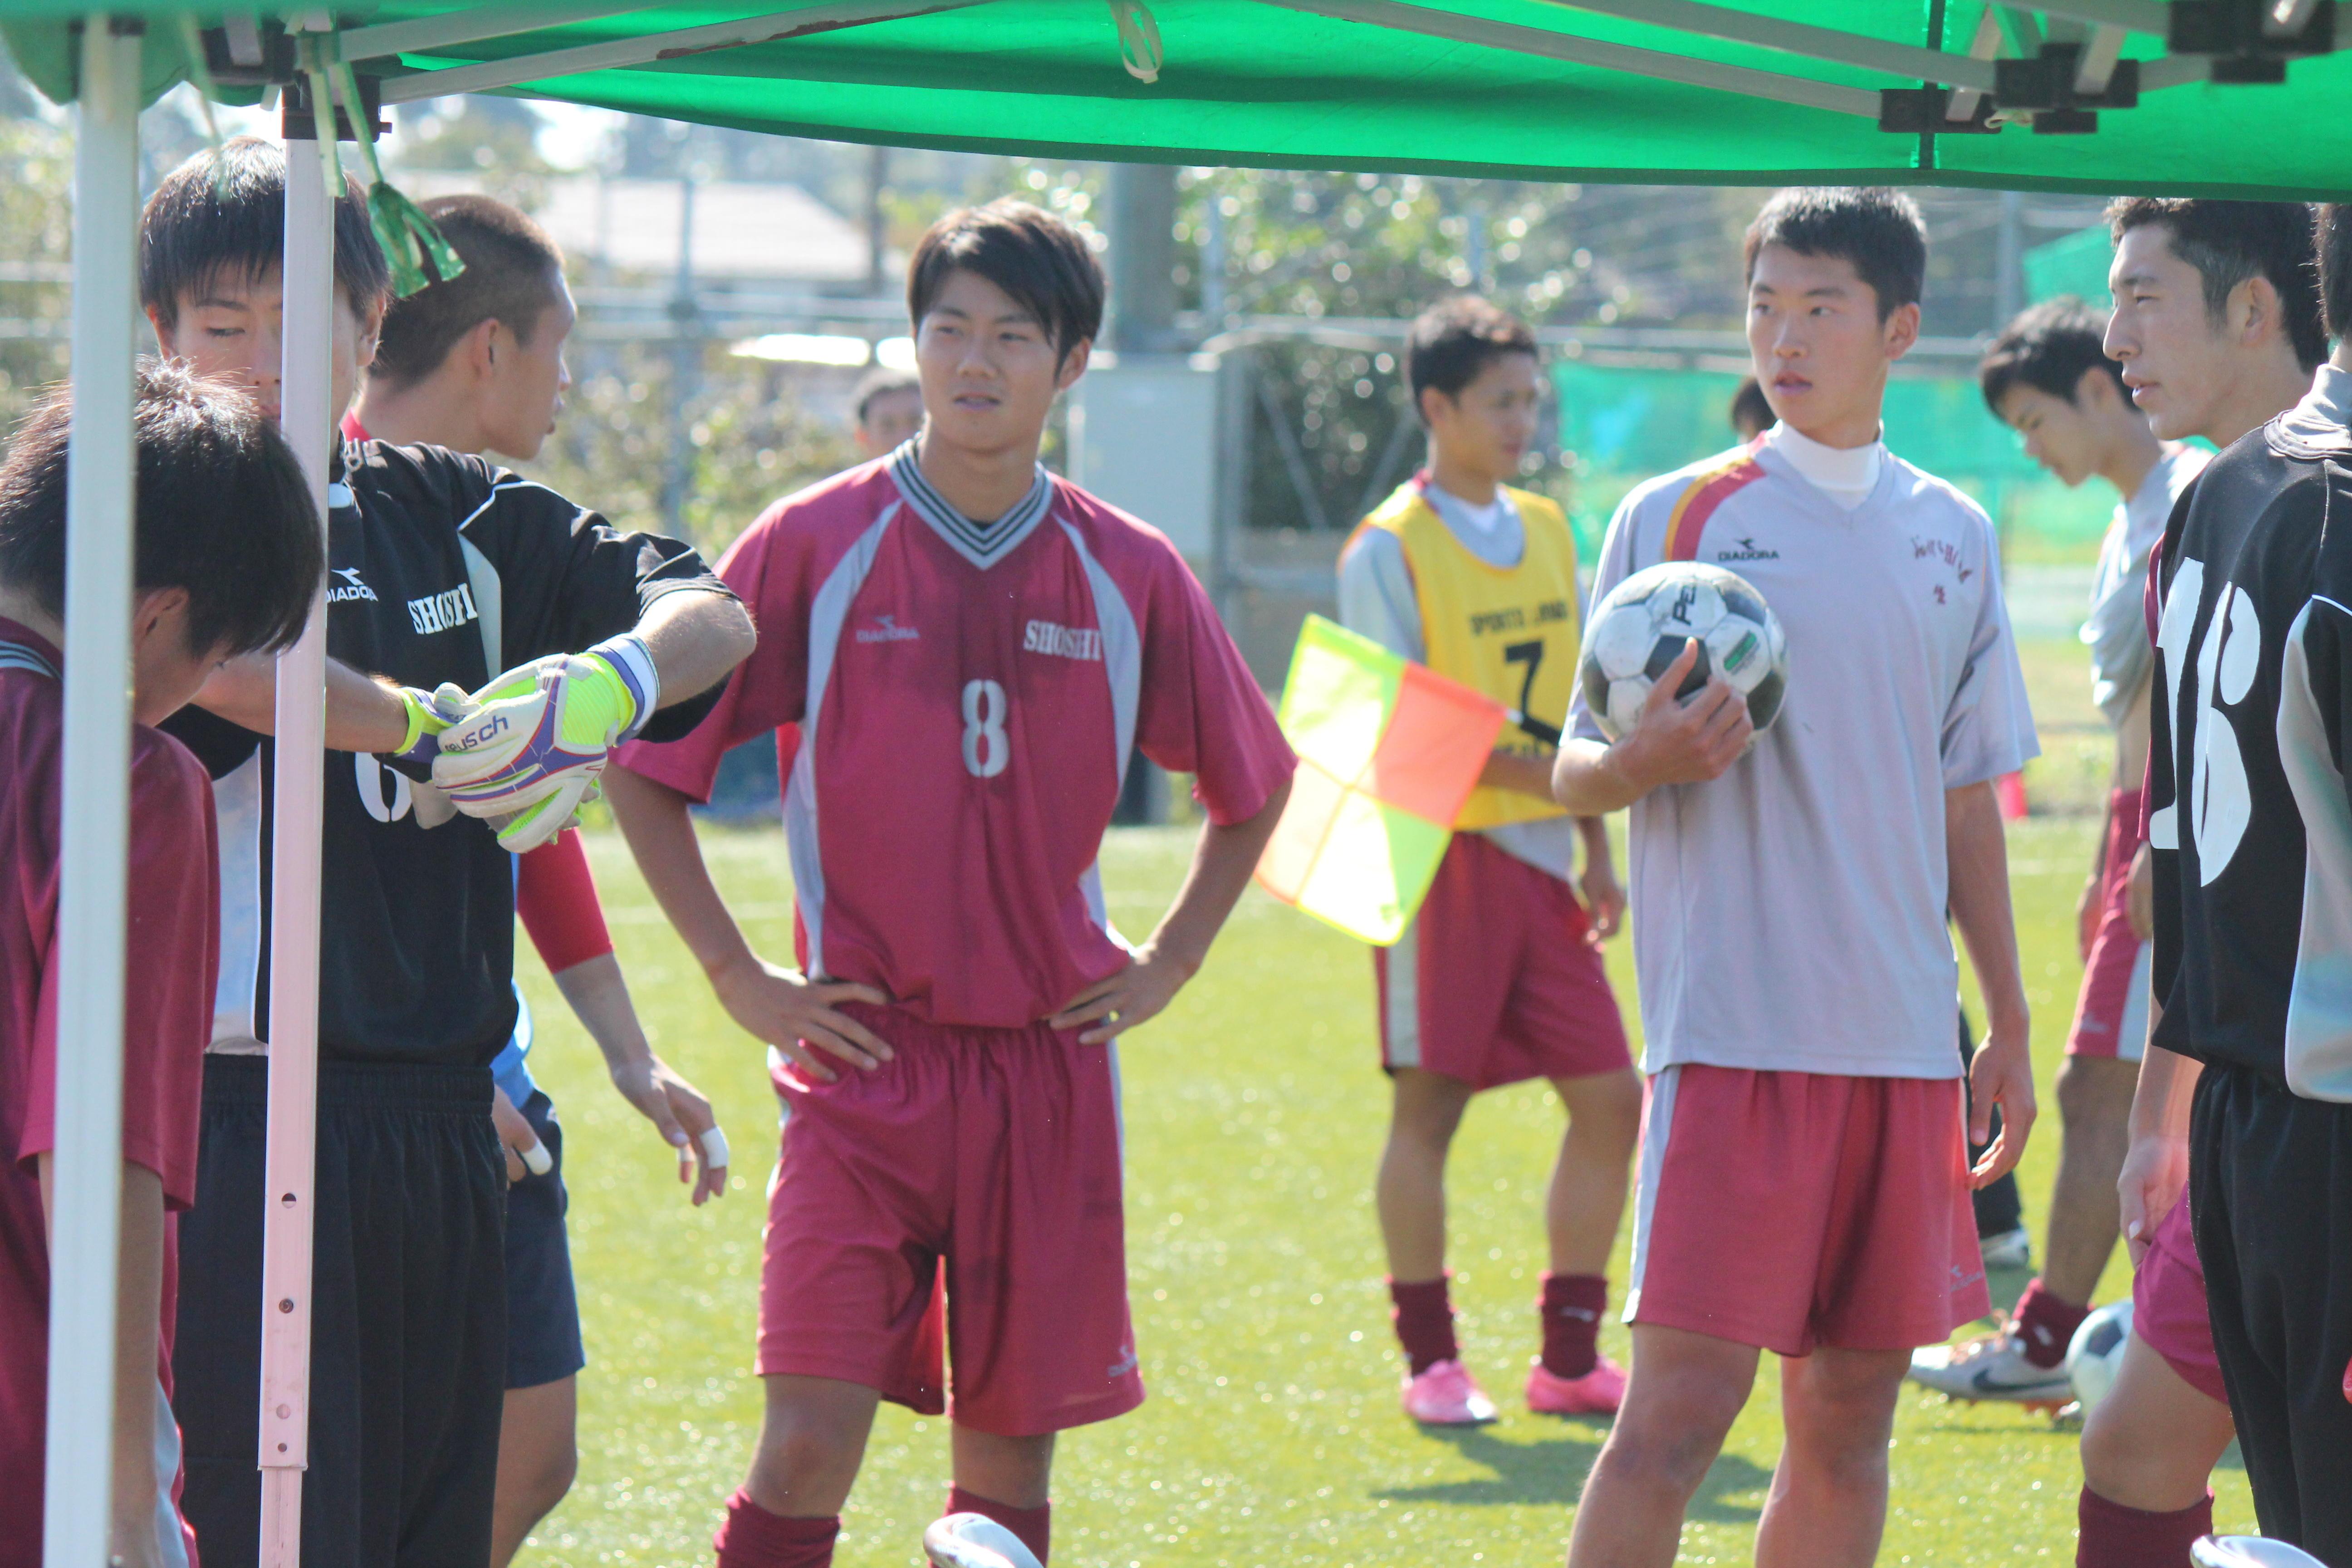 サッカー部のキャプテンはつらいよ!?尚志高校サッカー部編・ピッチの外と中からチームを引っ張る2人のキャプテン